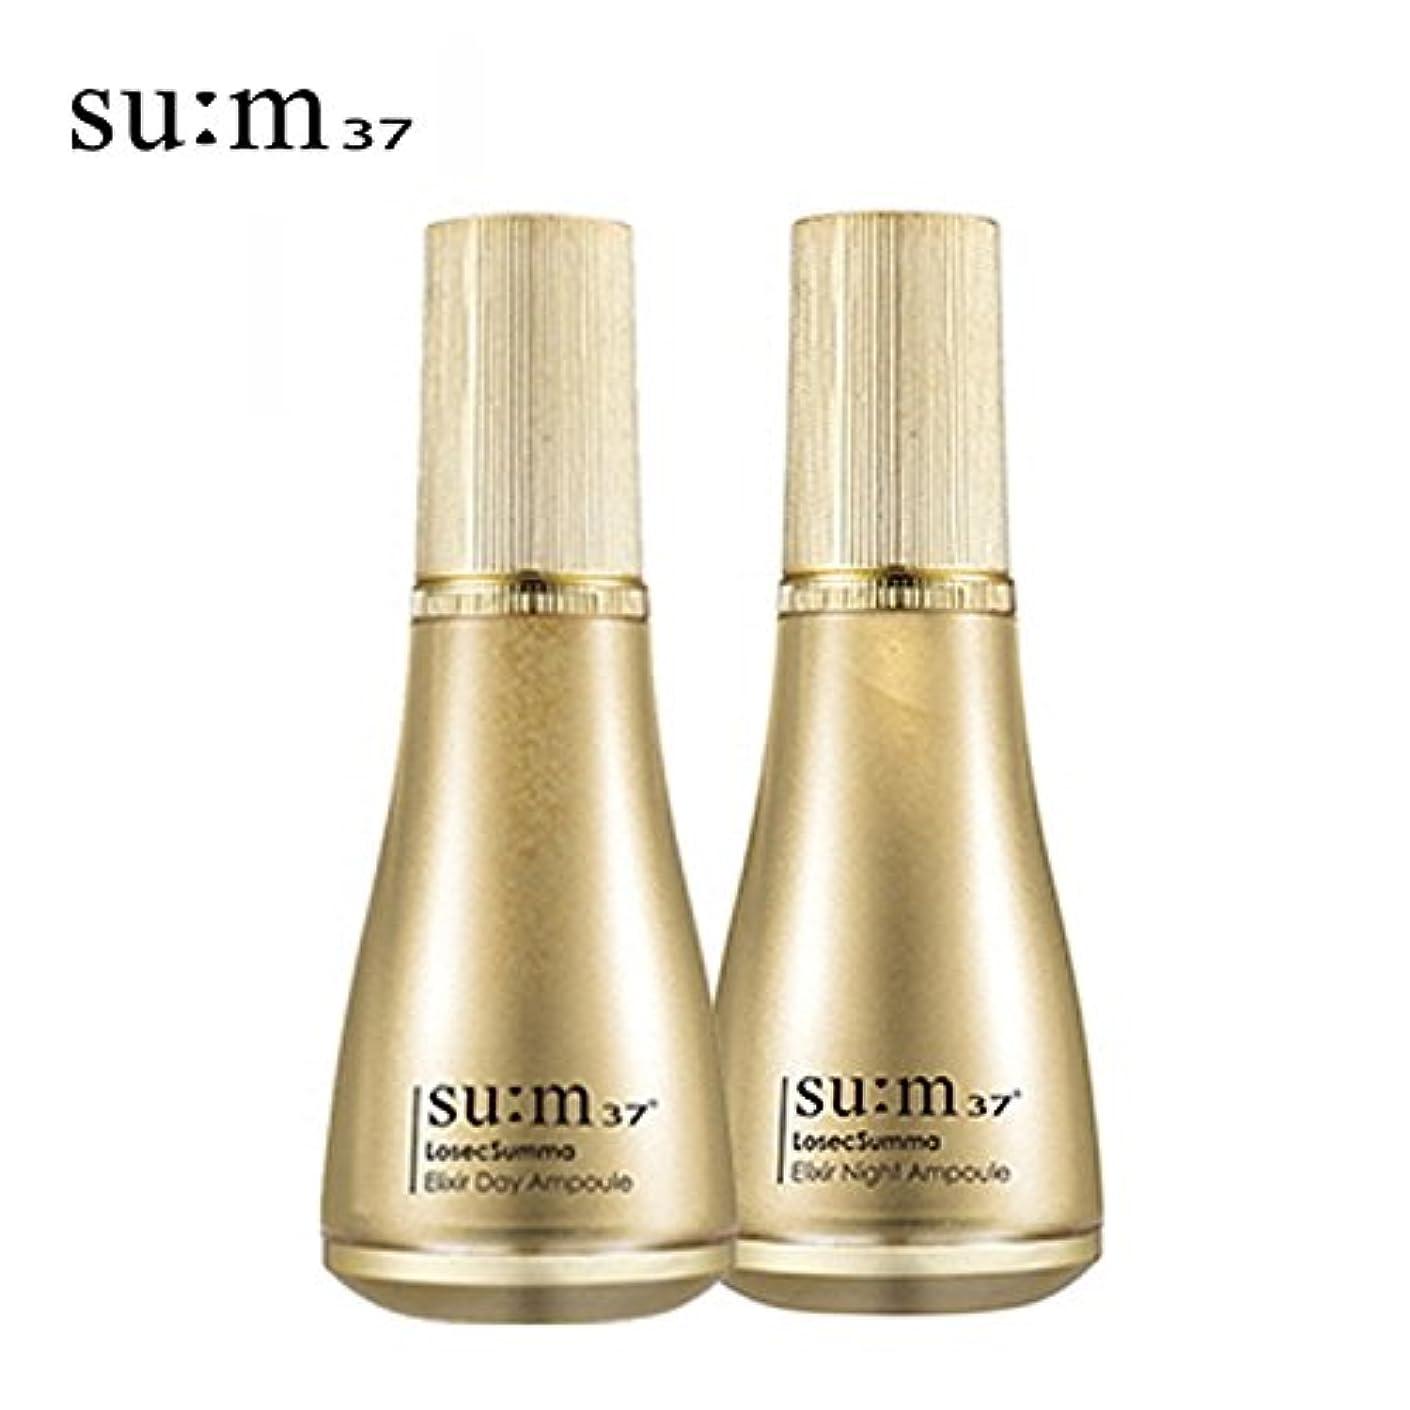 エコー抜け目のない誘惑[su:m37/スム37°]Sum37 でシック スムマ エリクサーアンプル デュオ/スム37 LOSEC Summa Elixir Ampoule Duo 20ml+20ml + [Sample Gift](海外直送品)